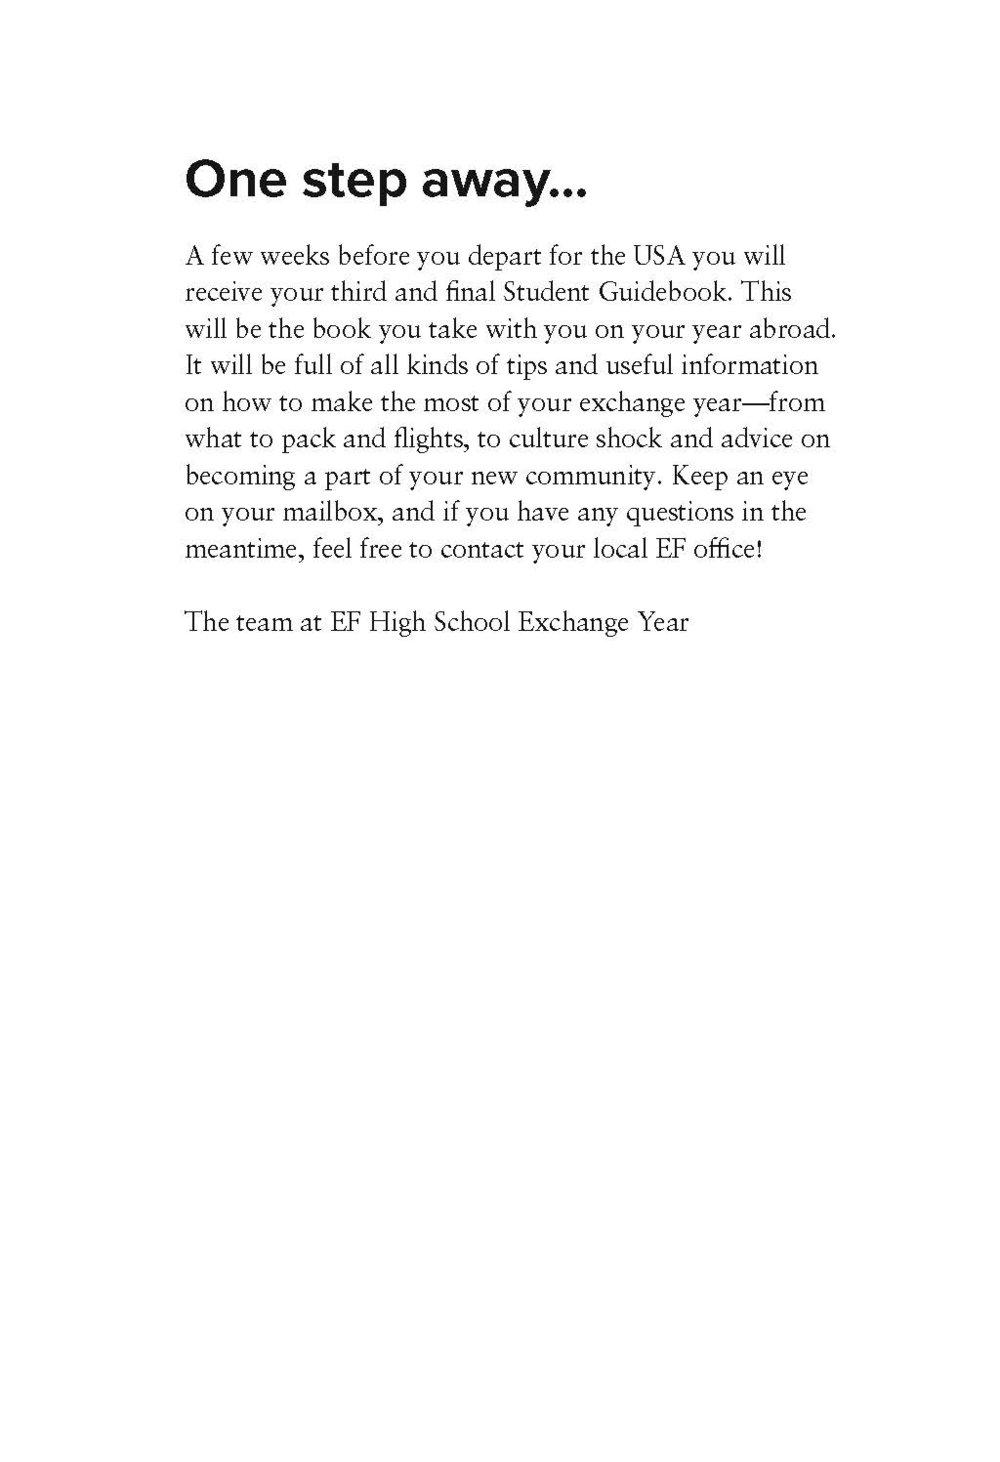 2018_Student_Guidebook_#2_US_Page_22.jpg